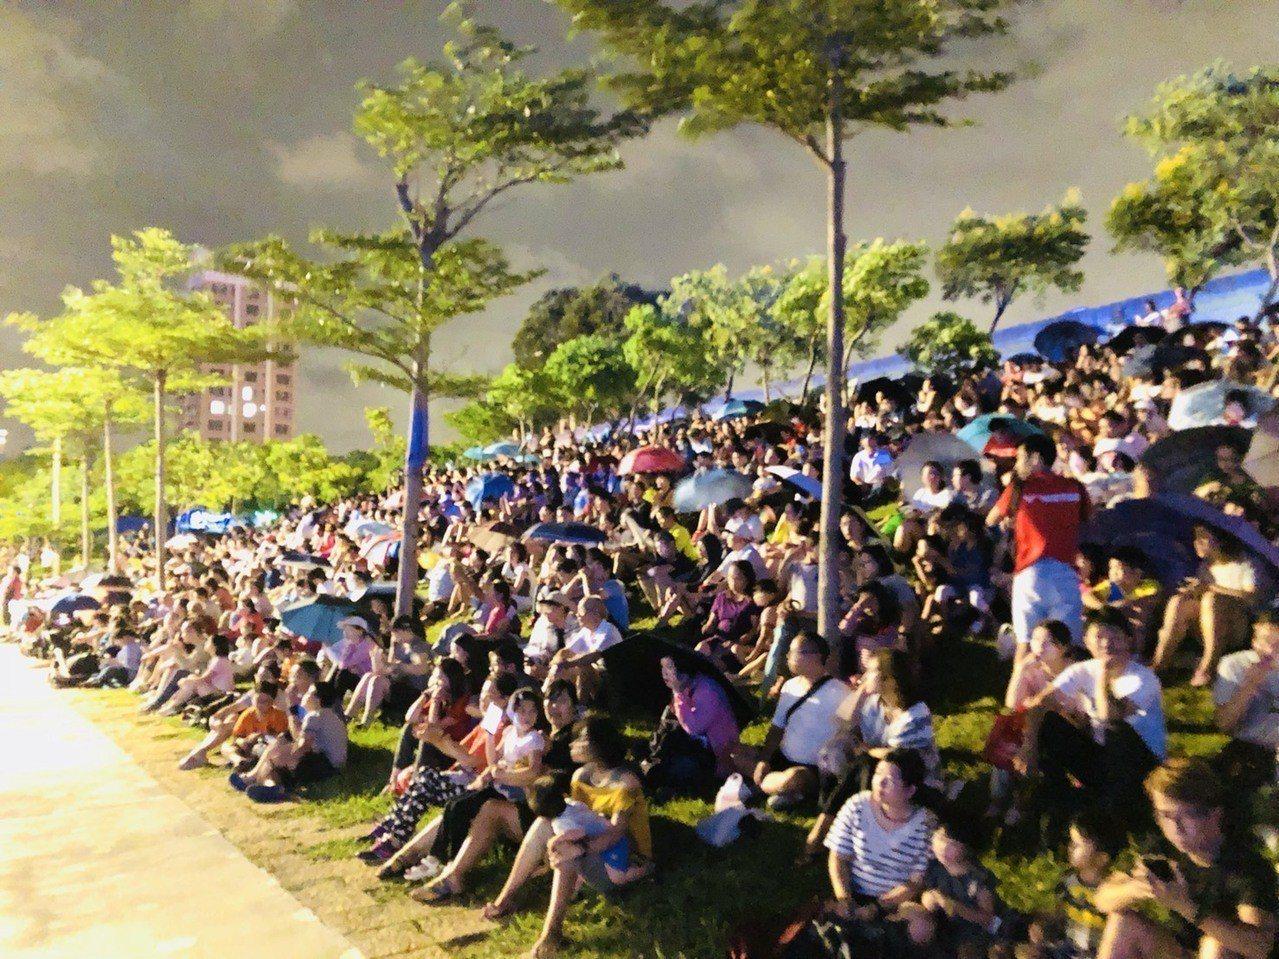 青塘園戶外演出免費進場,適合闔家席地而坐觀賞。圖/桃園市文化局提供